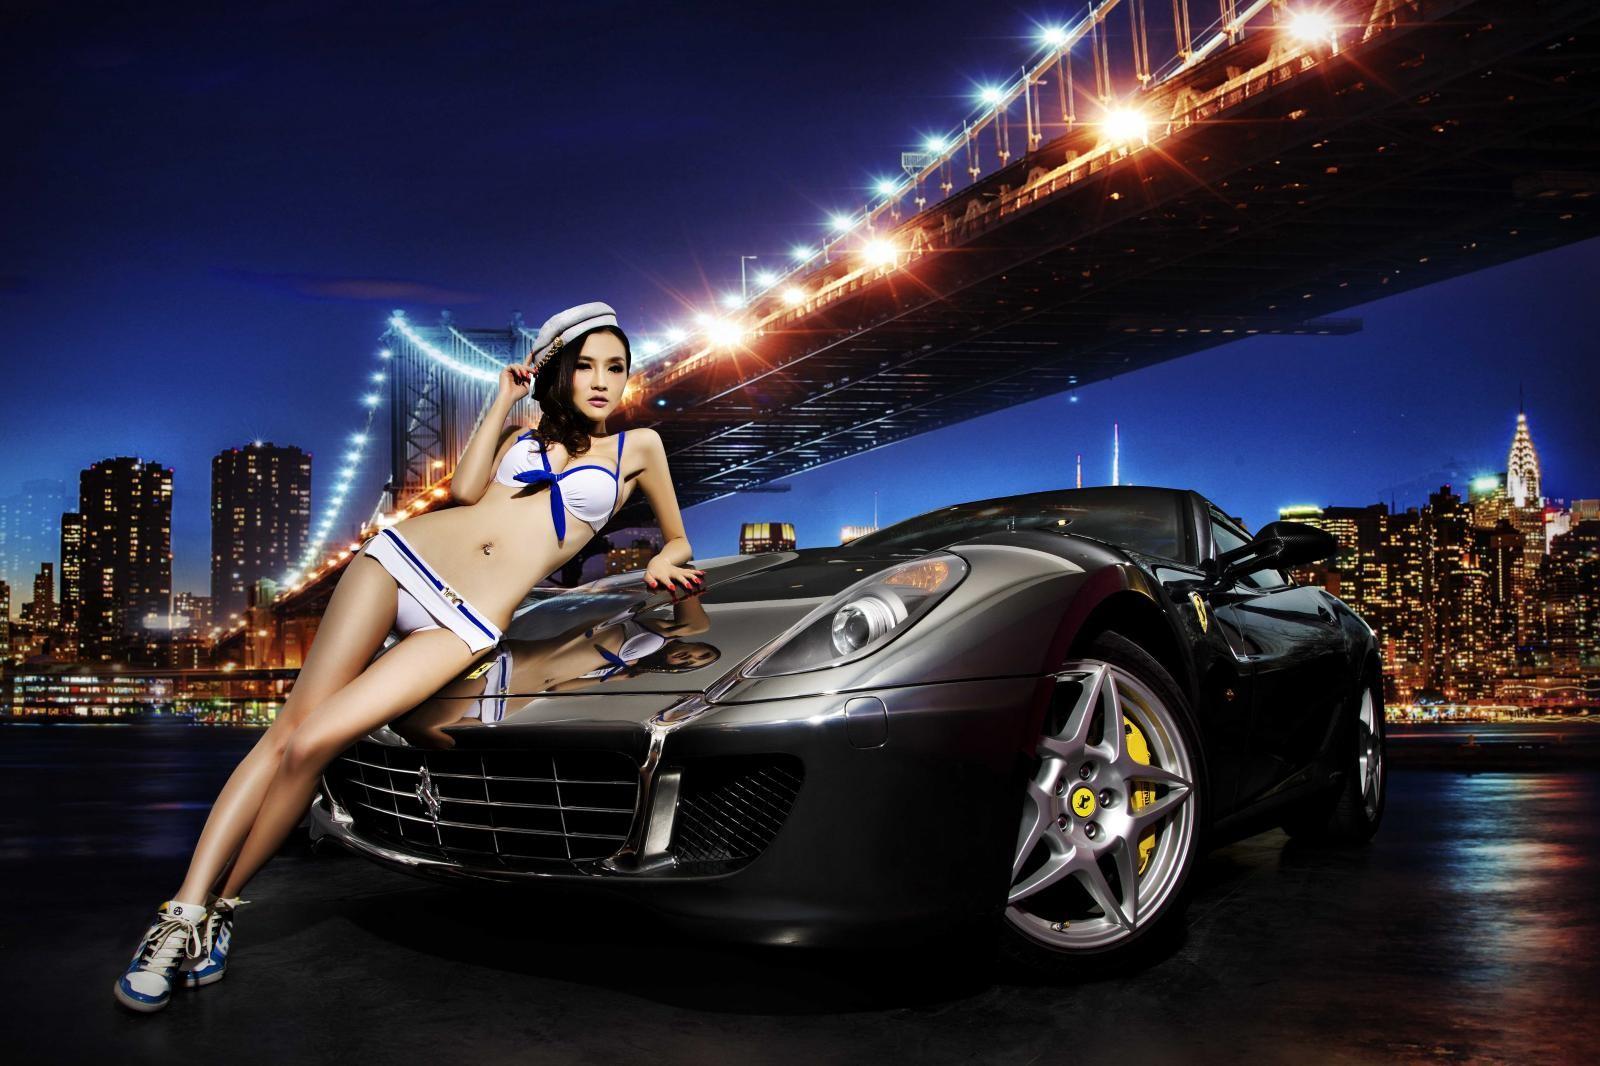 Đêm lãng mạn giữa người đẹp bốc lửa Y Ngạn và Ferrari 599 - 2